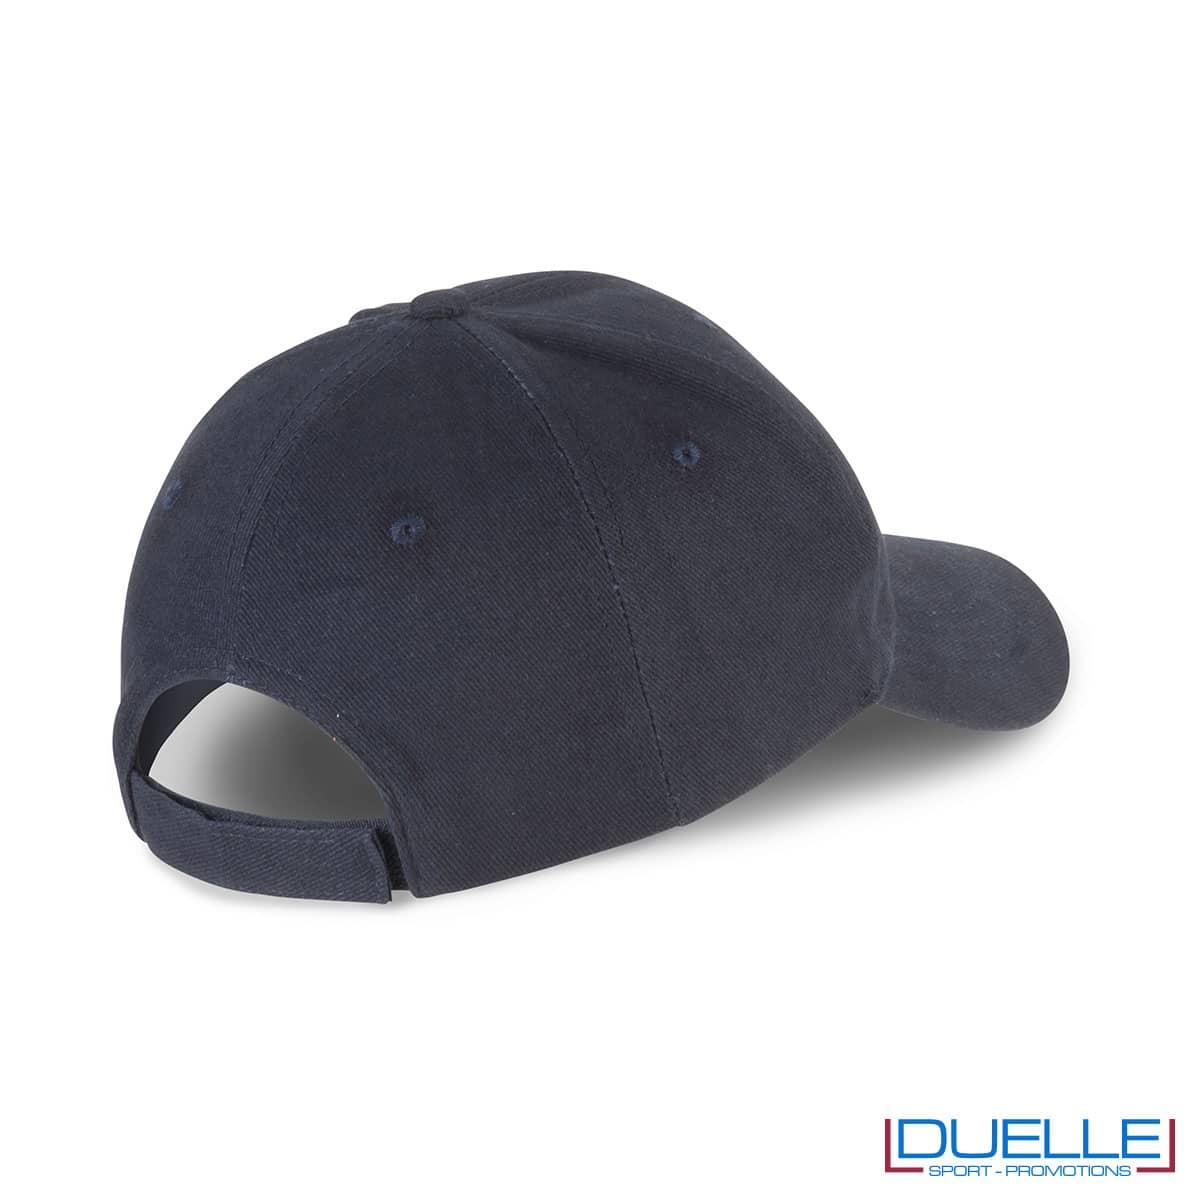 Chiusura con velcro per cappellino in cotone biologico personalizzato con ricamo